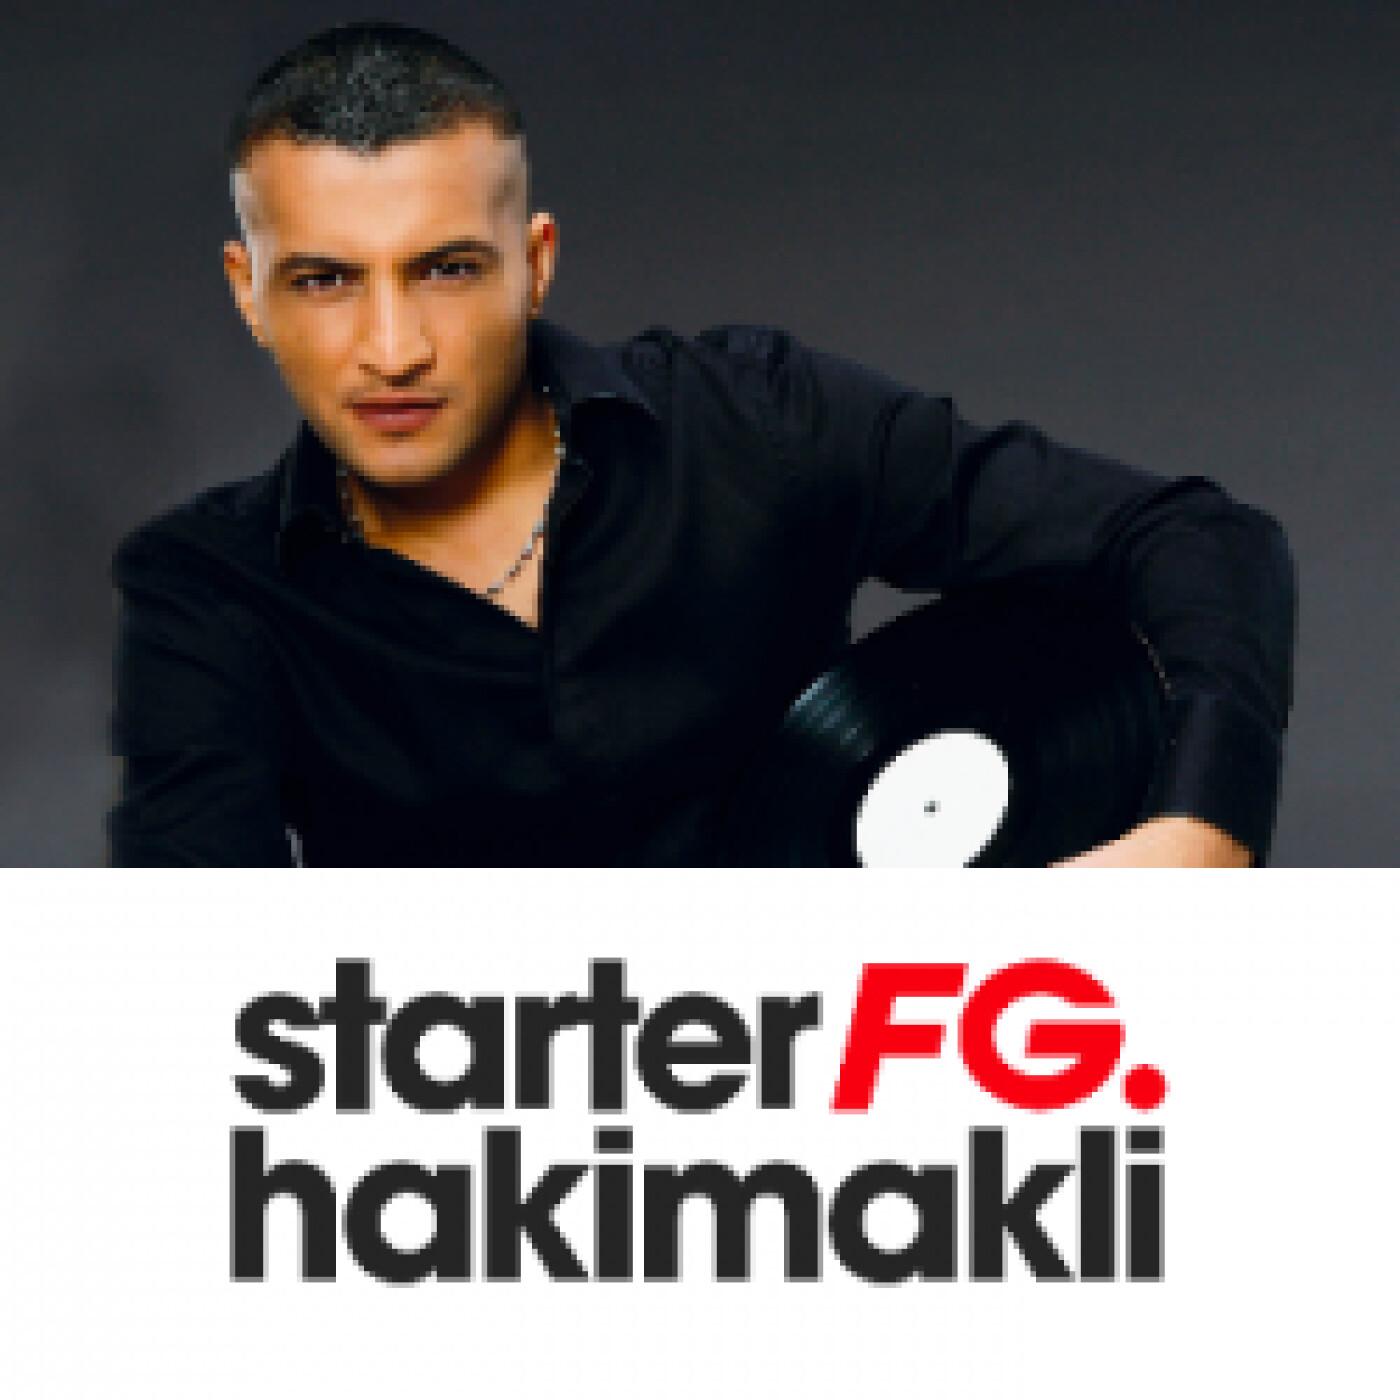 STARTER FG BY HAKIMAKLI JEUDI 15 AVRIL 2021